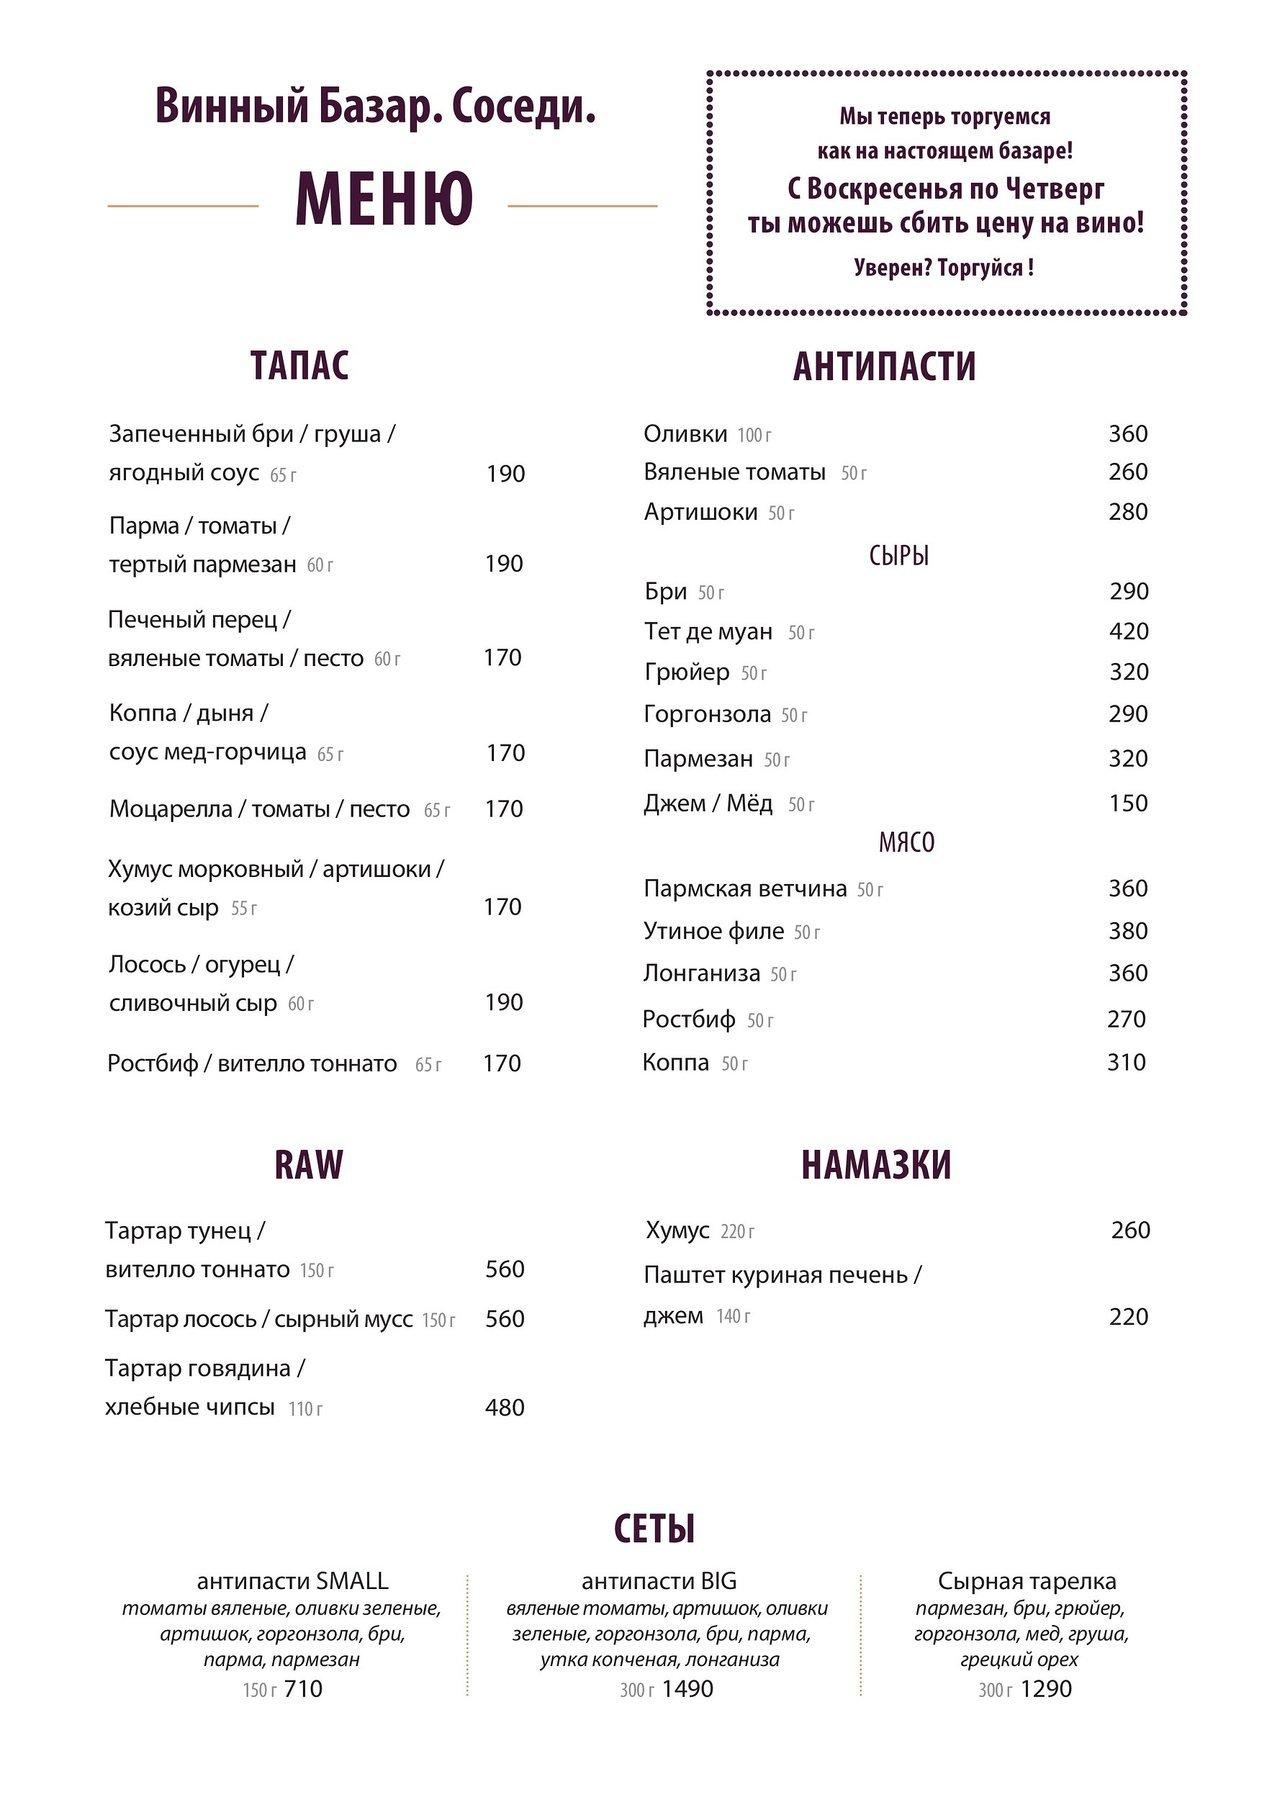 Меню кафе Винный базар. Соседи на Комсомольском проспекте фото 1